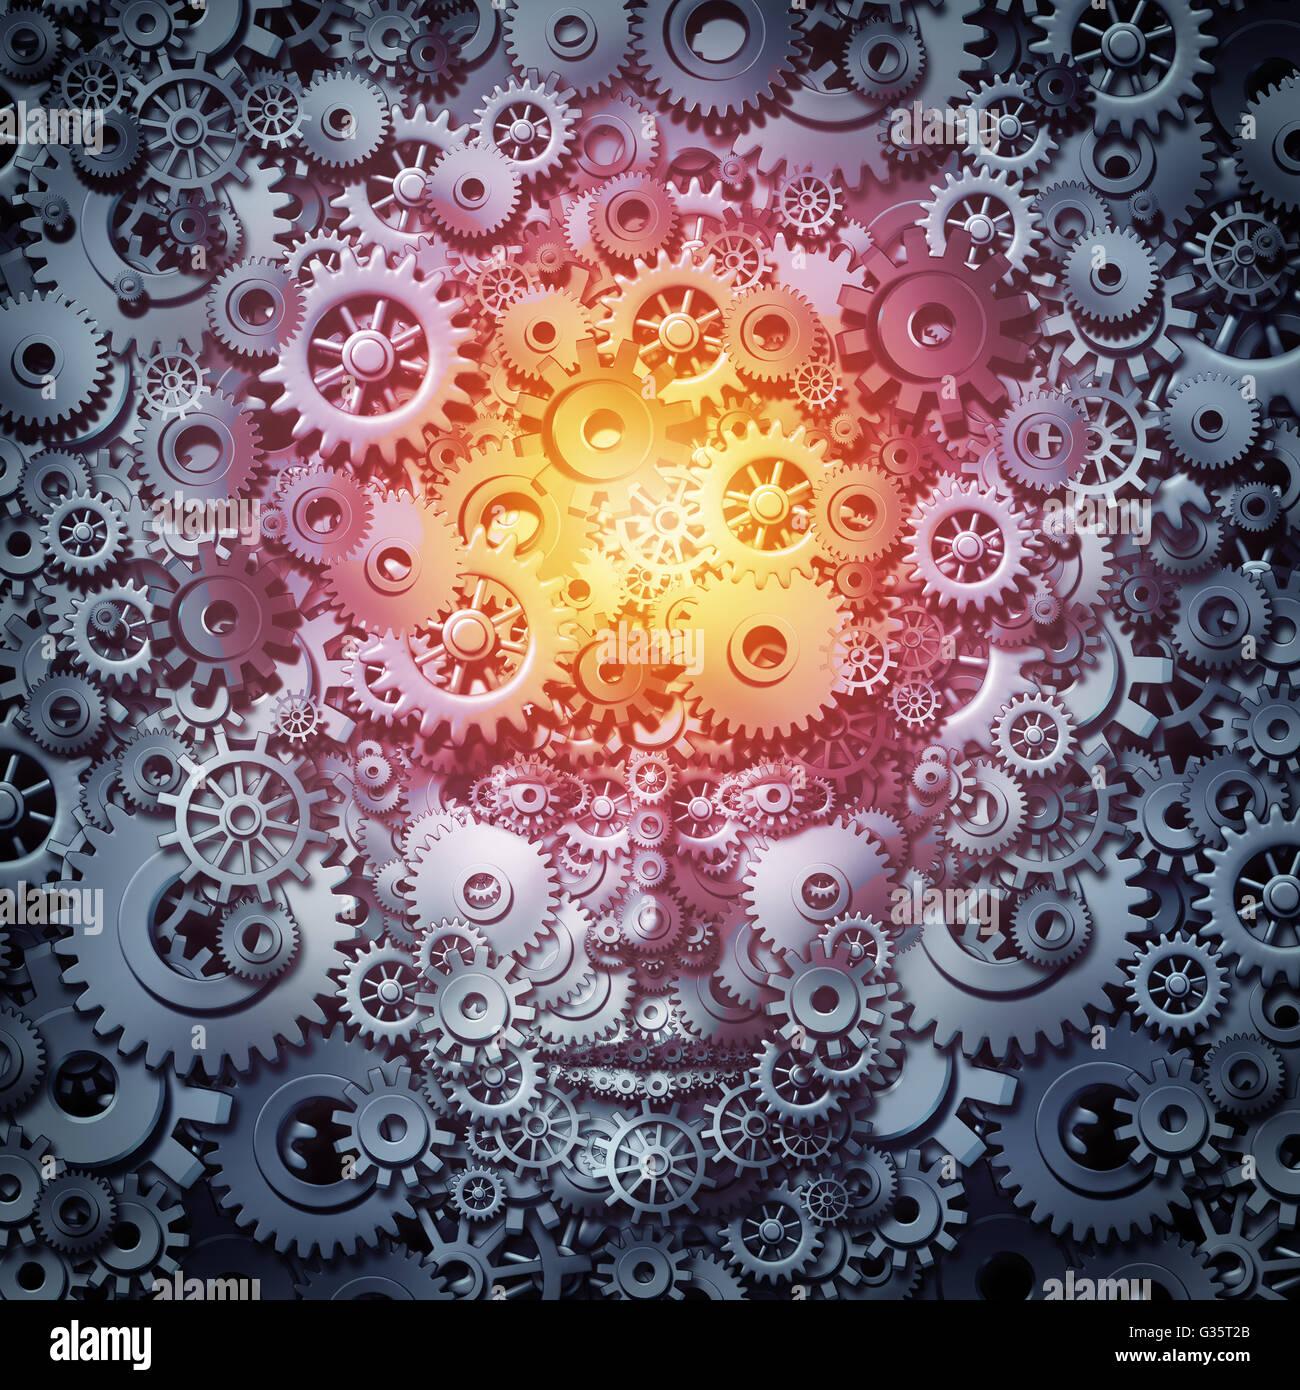 Human Ressource Intelligenz Geschäftskonzept als Geist und Gesicht Maschine aus Getriebe und Zahnräder Stockbild